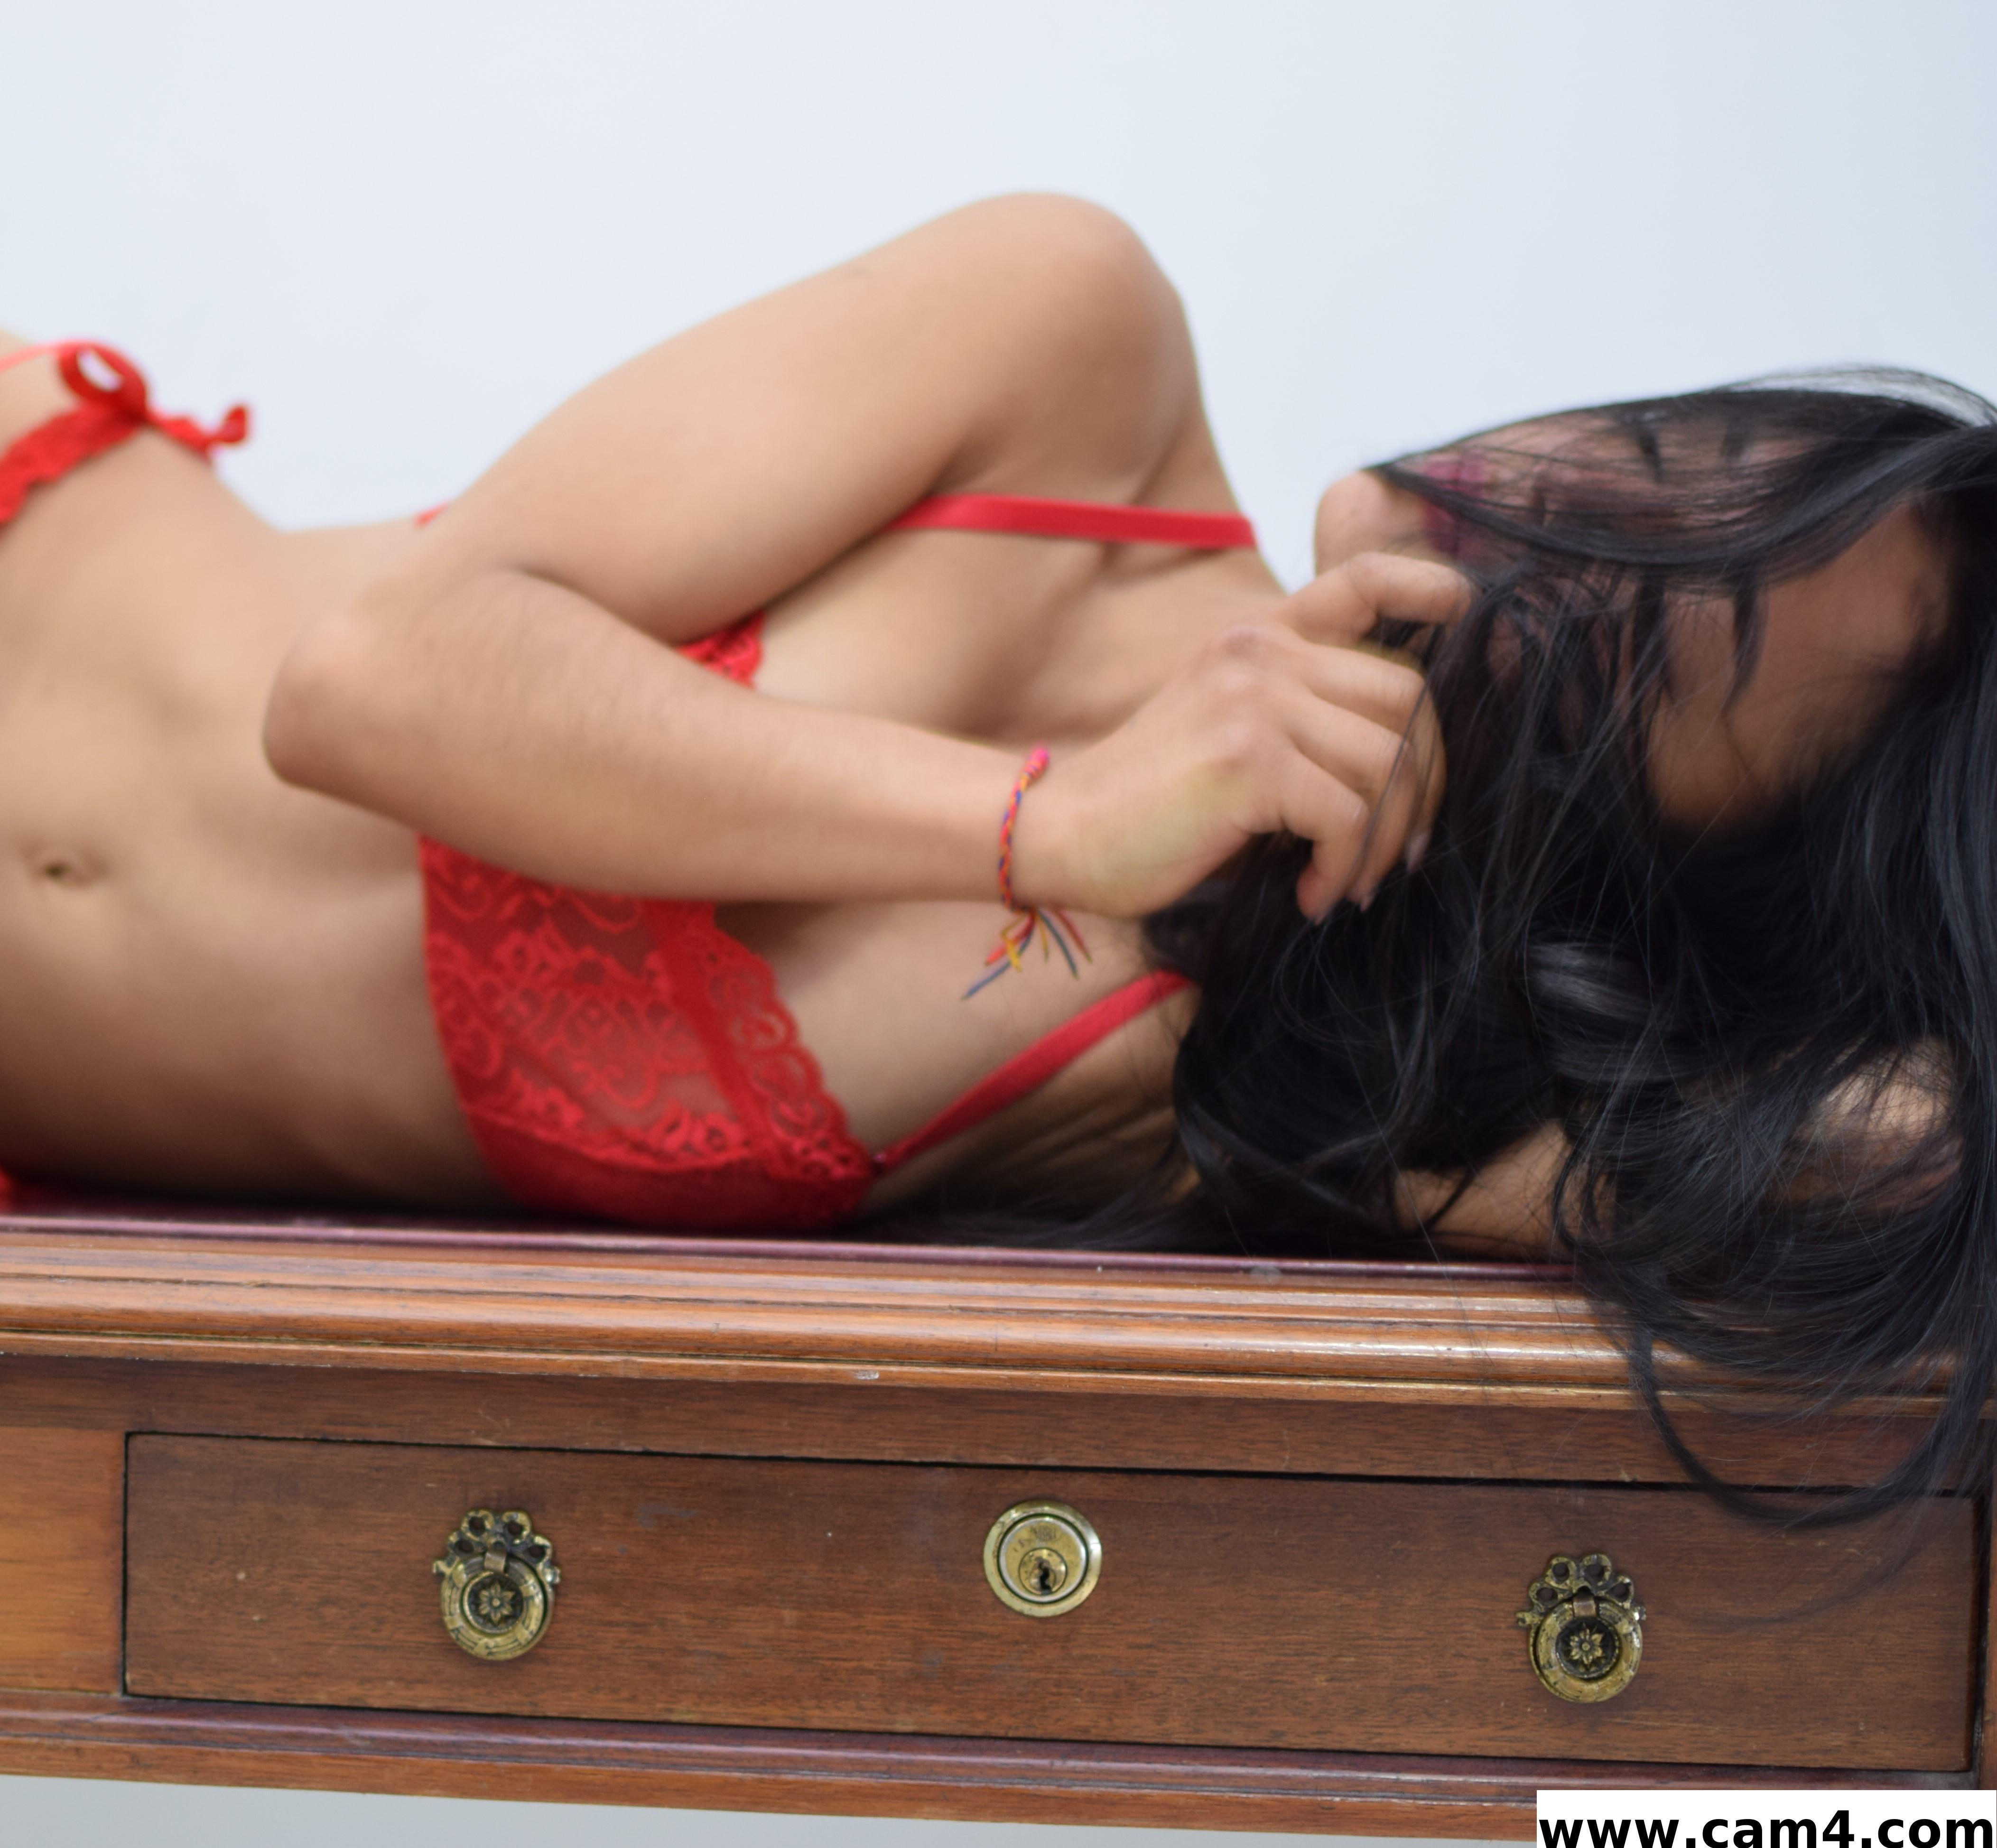 Top μαύρο θηλυκό πορνό σέξι παχουλός λεσβιακό πορνό